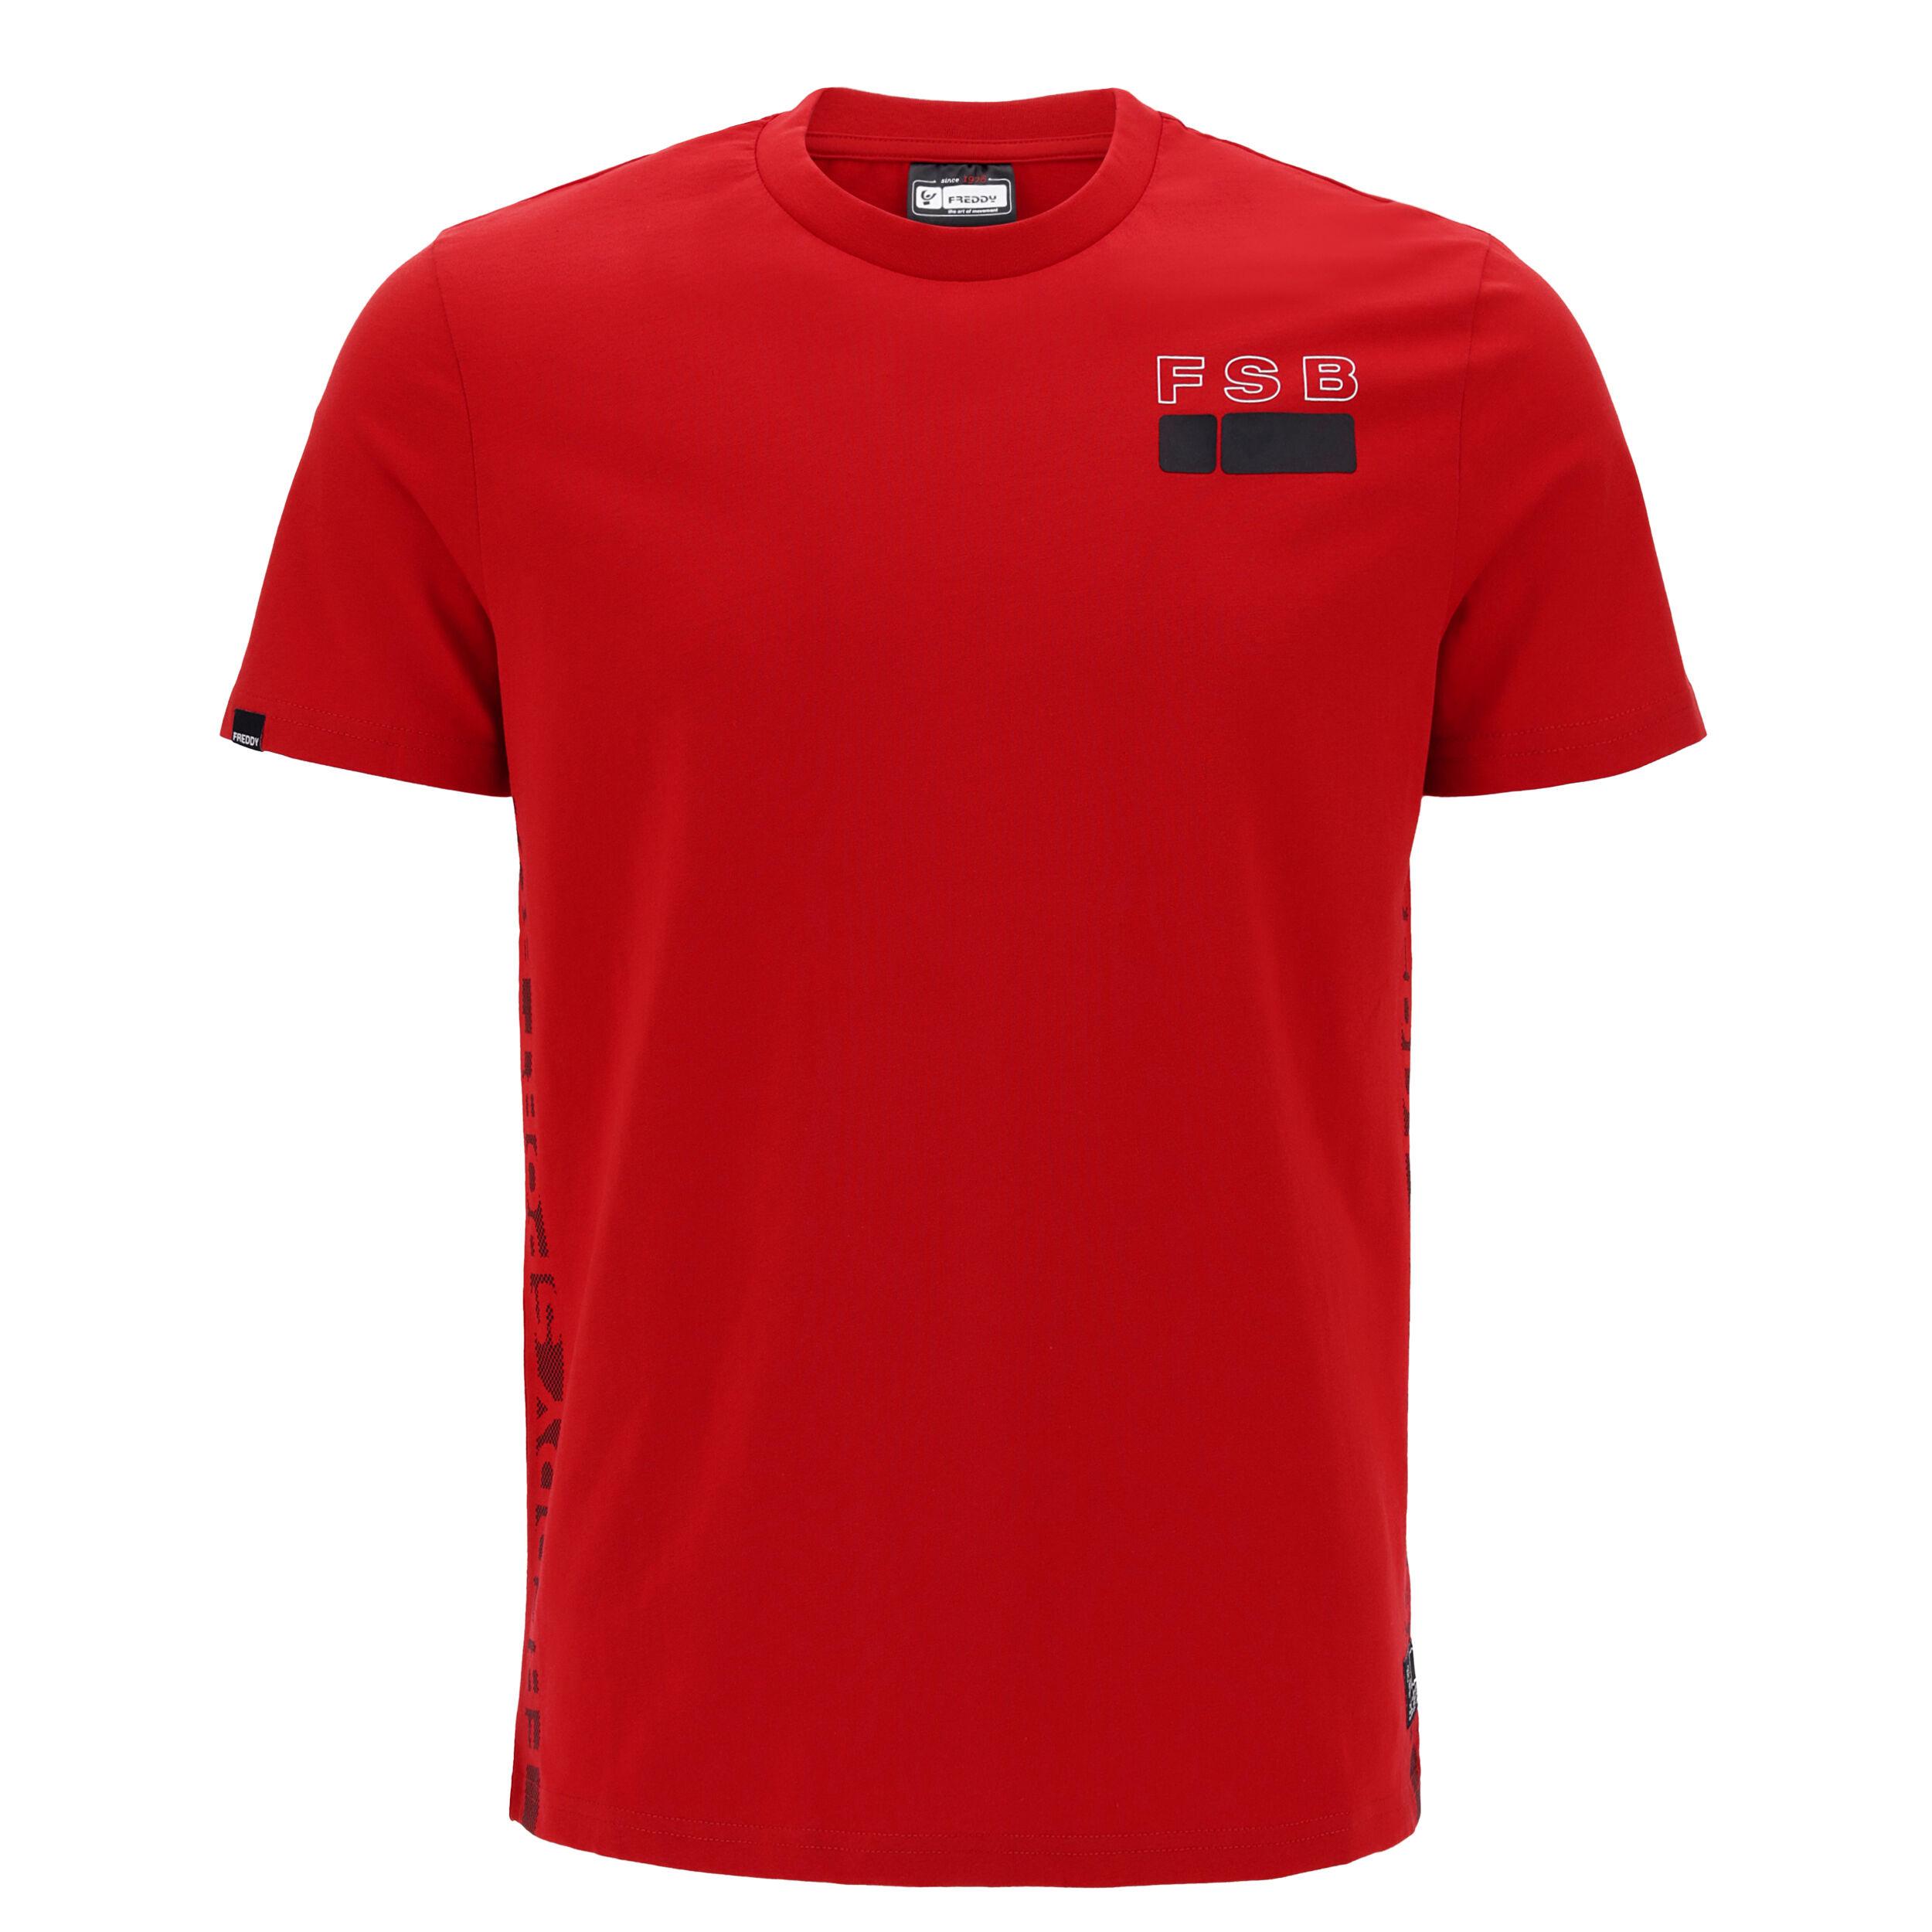 freddy t-shirt con stampa  sport box sui fianchi rosso